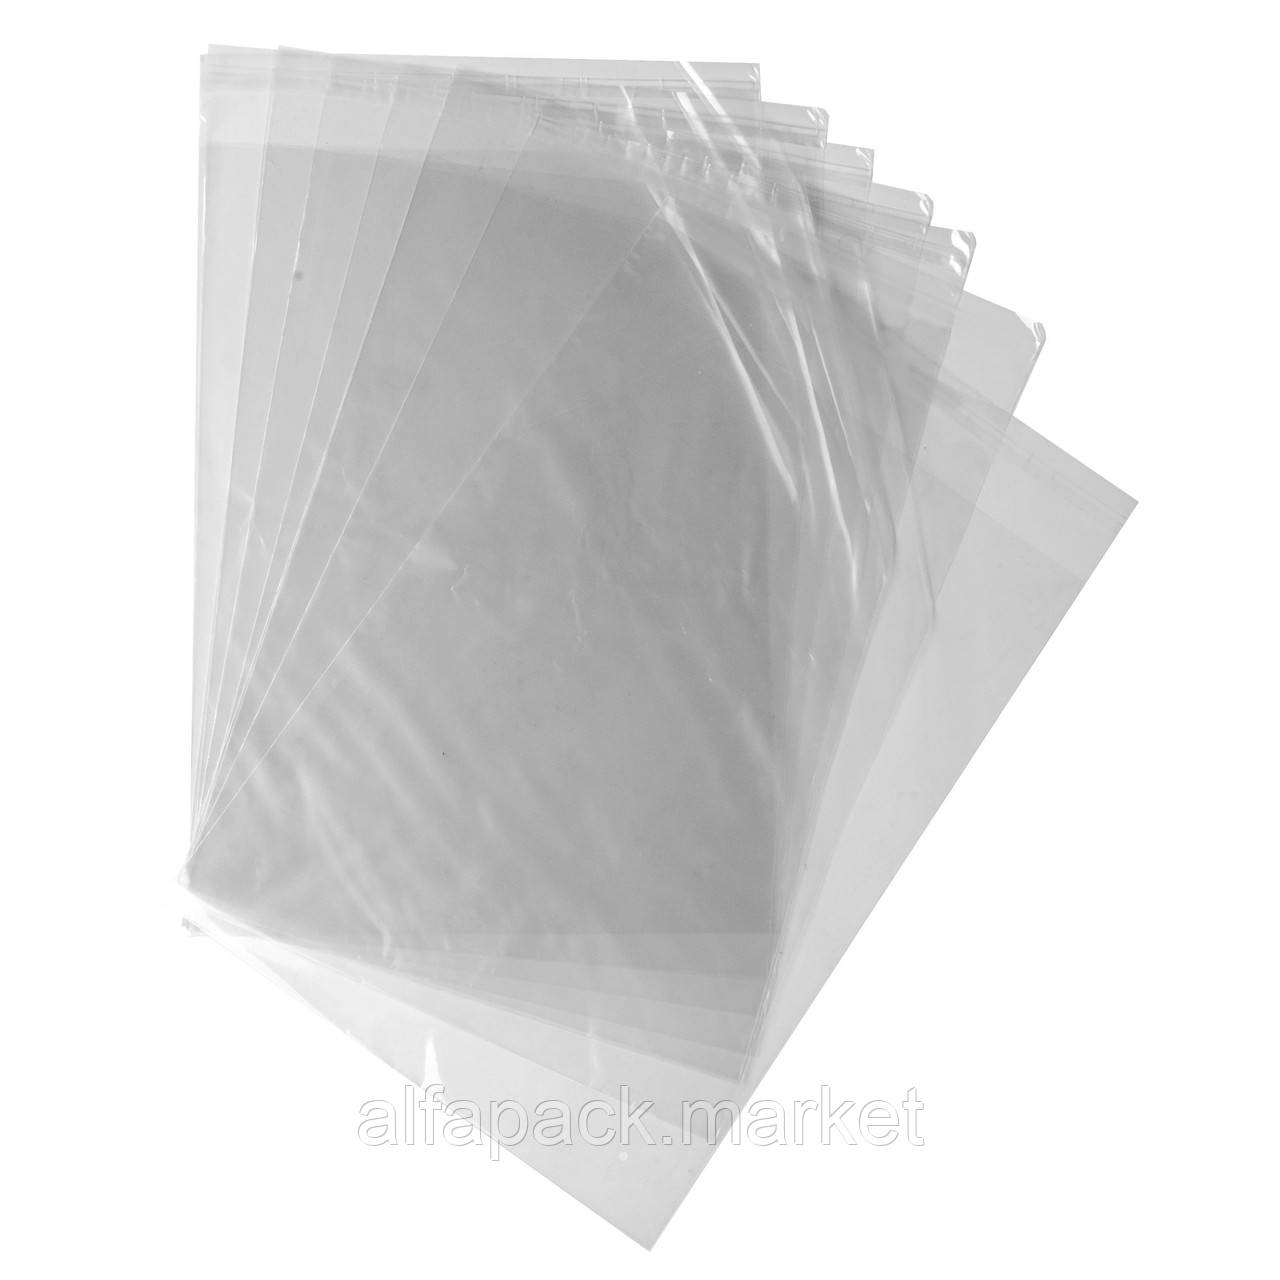 Пакет полипропиленовый 150*150 без липкой ленты (1000 шт в упаковке)